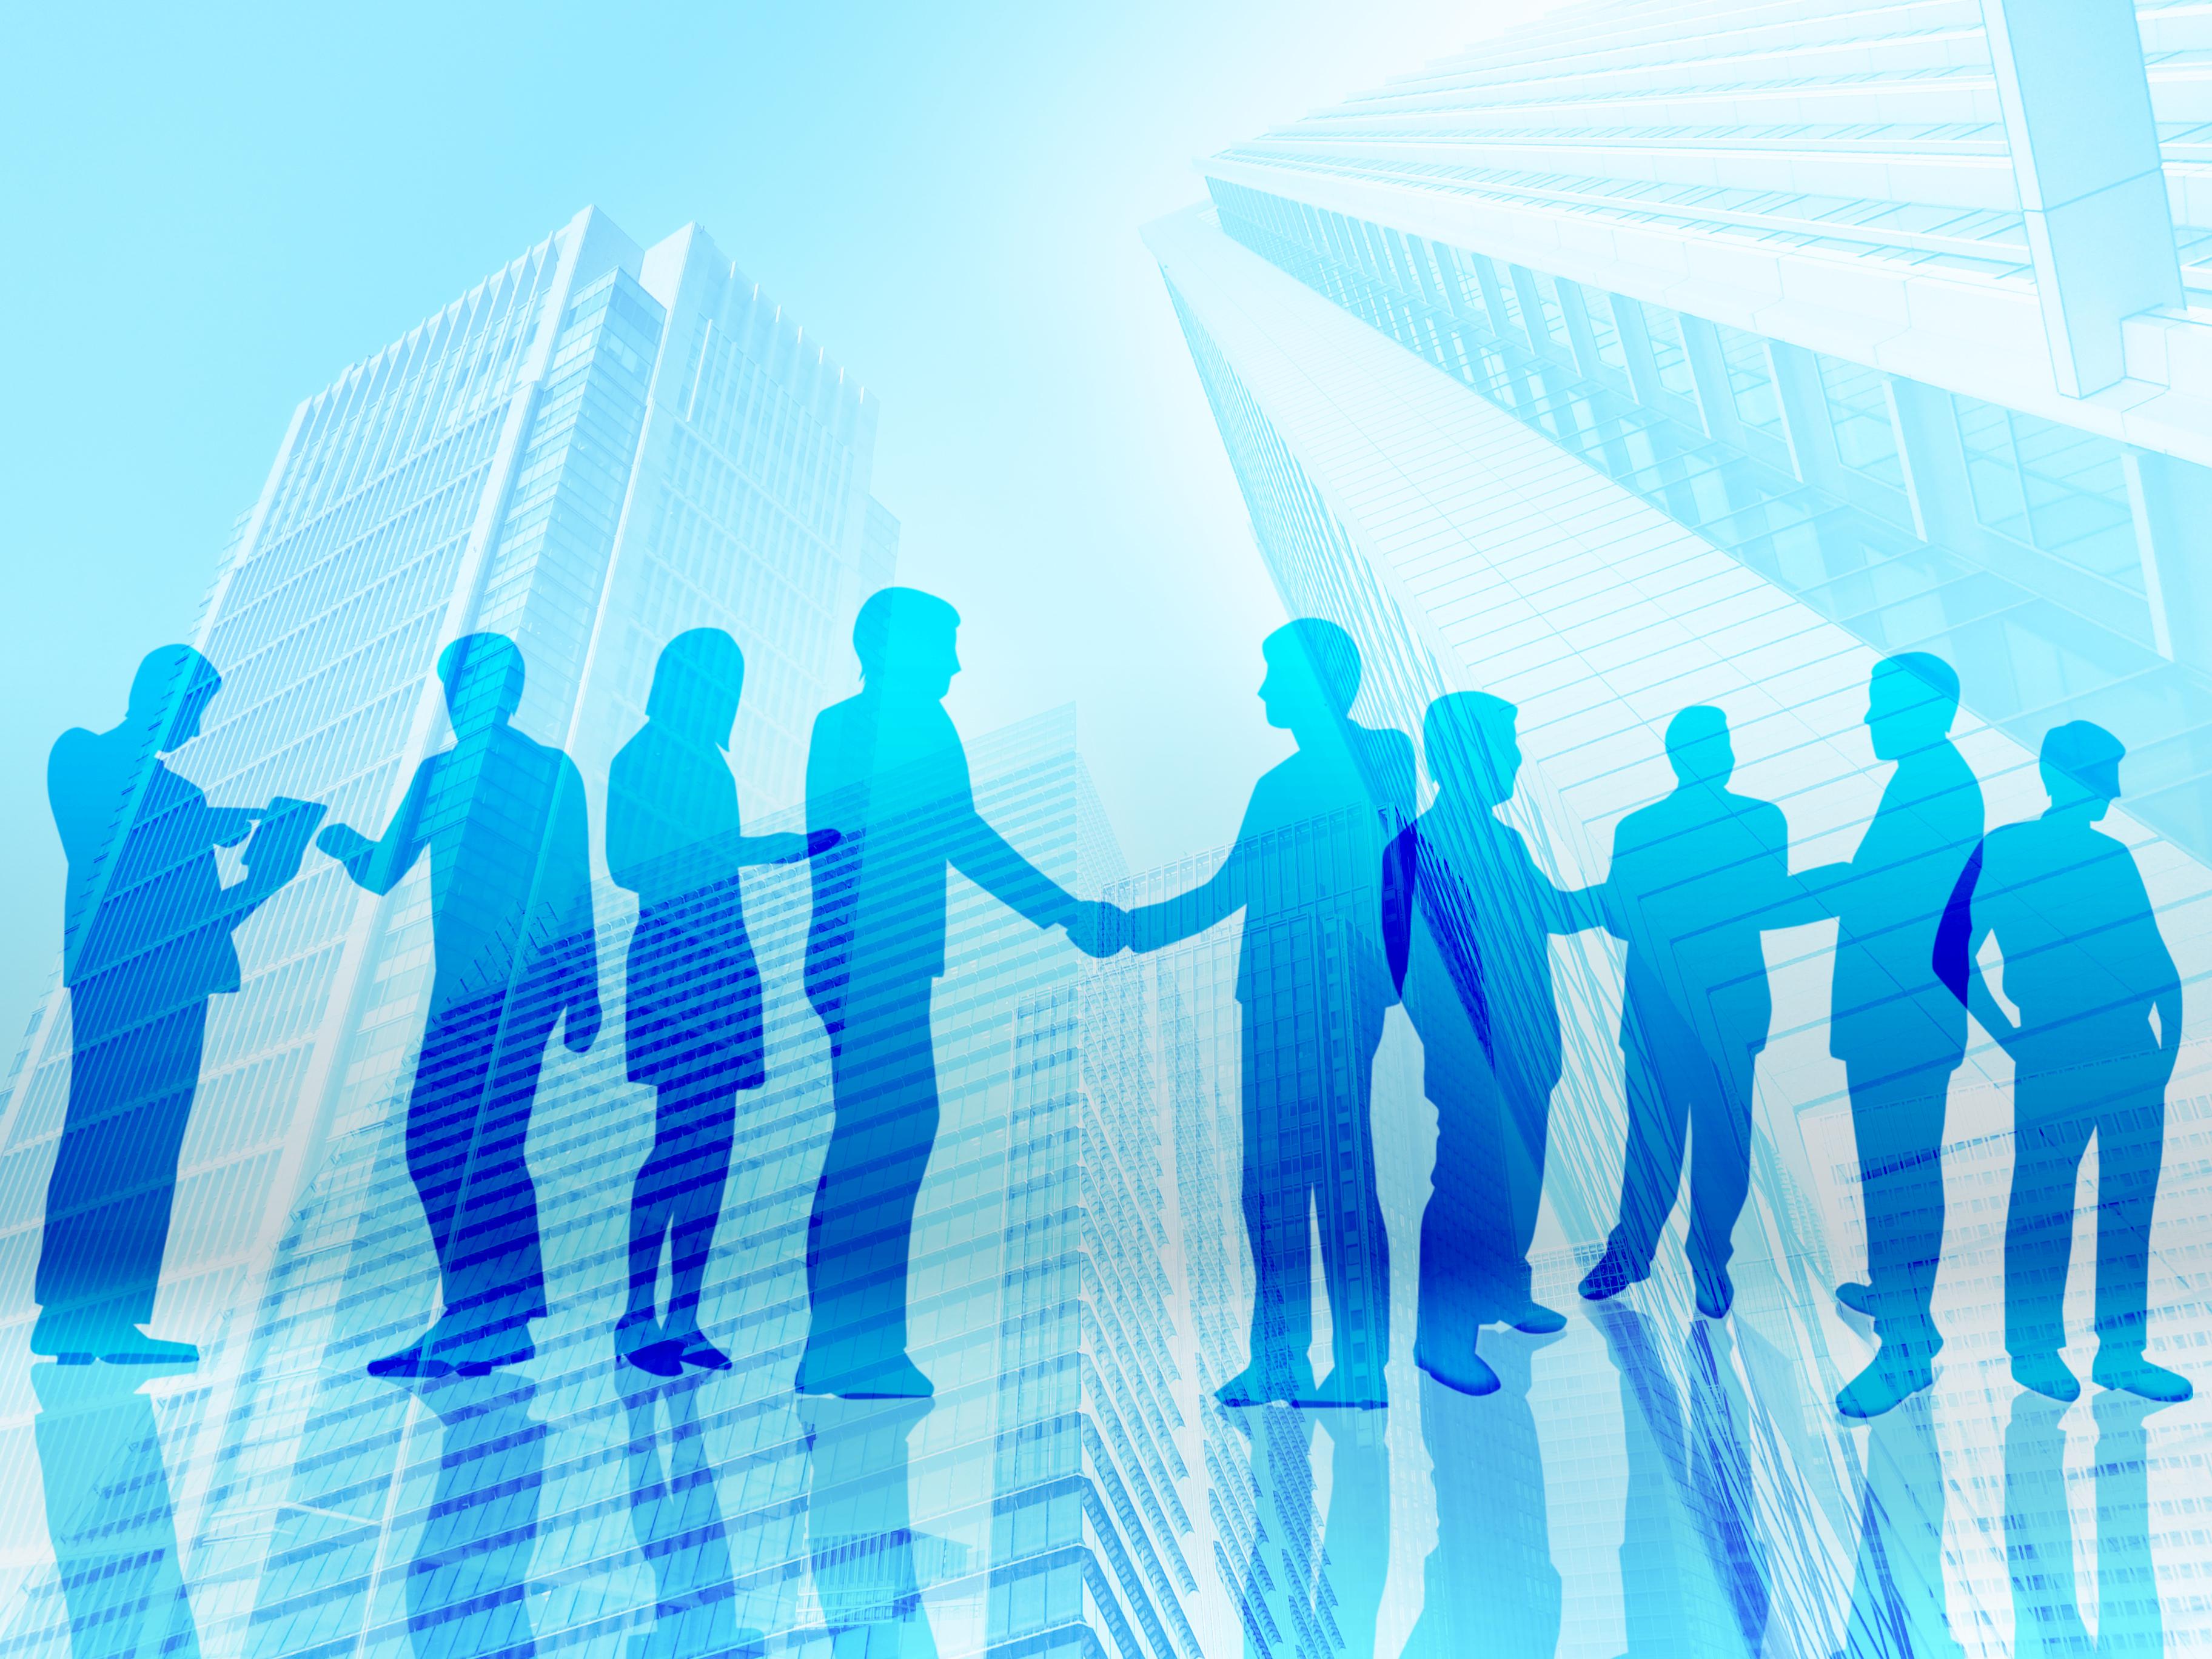 起業仲間を集めよう。人との出会いを大切にして焦らず見極めよう